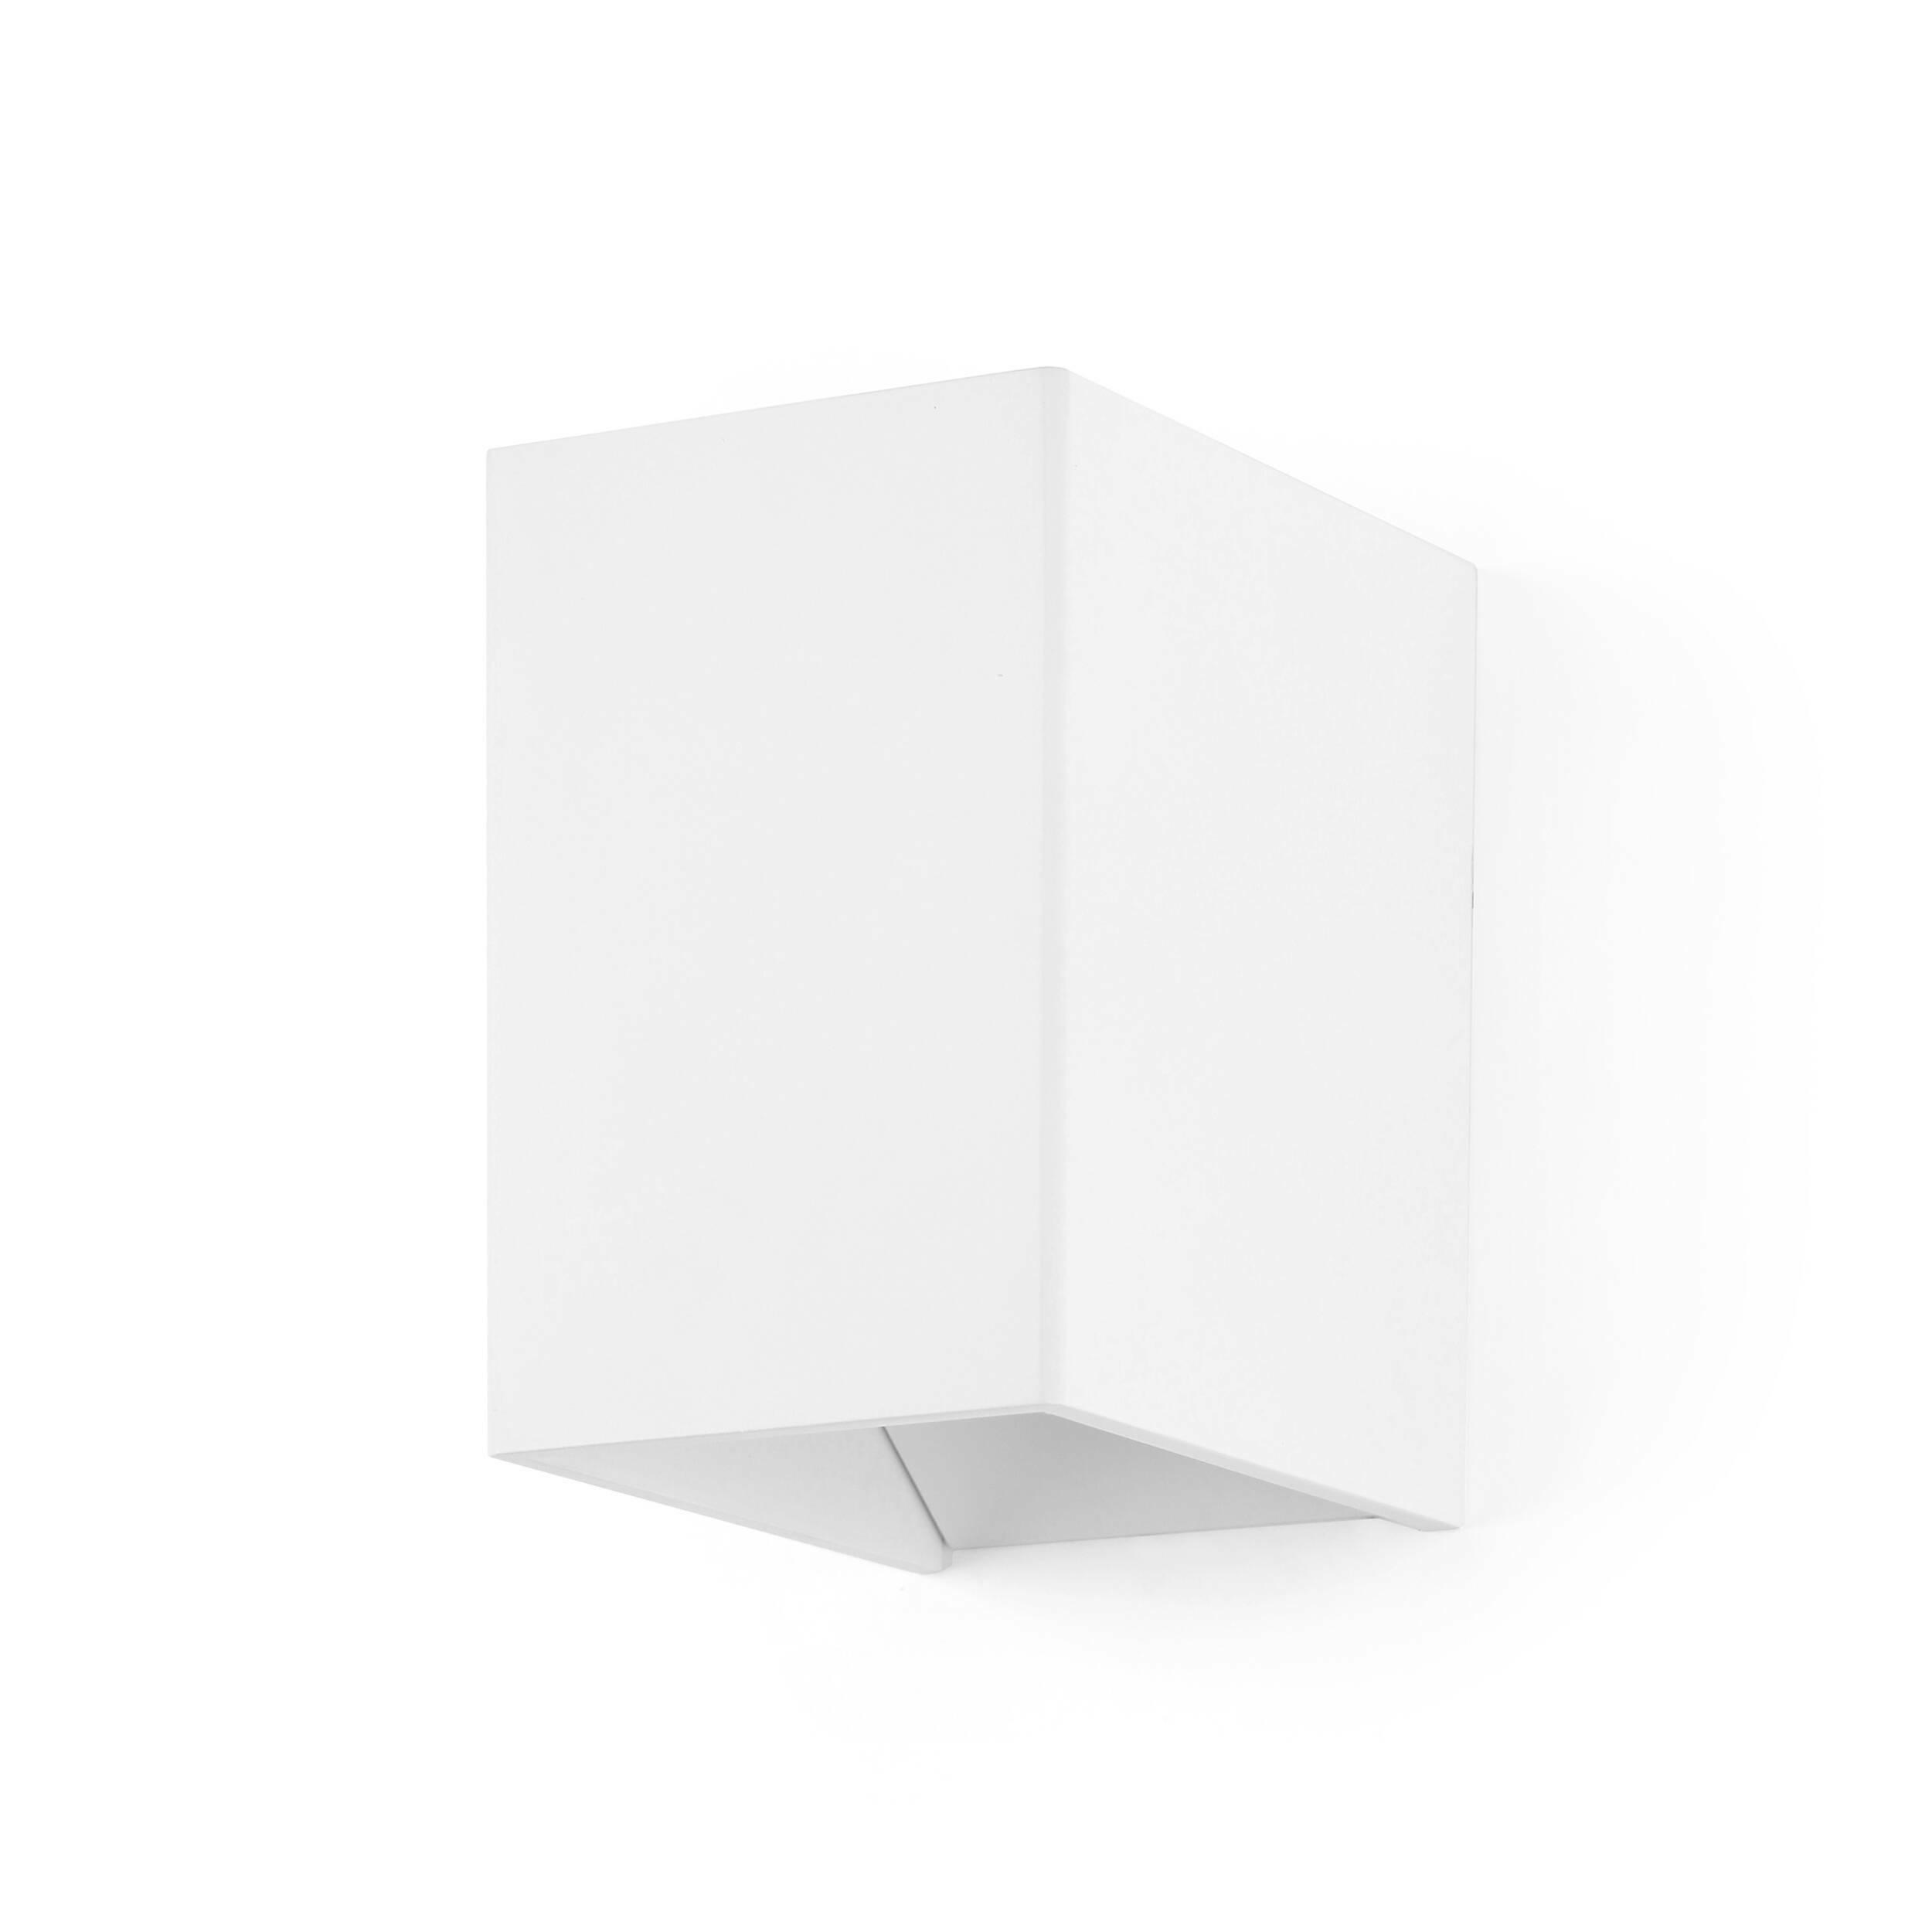 Настенный светильник Magic BoxНастенные<br>Настенный светильник Magic Box — это отличный предмет домашнего интерьера, который способен ненавязчиво подчеркнуть главные акценты дизайна и дополнить его правильной геометрической формой и стильными цветовыми решениями: матовый темно-серый или матовый белый. Светильник напоминает волшебную коробку фокусника, из которой вот-вот выпрыгнет кролик или выпорхнет голубь.<br><br><br> Целостный корпус светильника изготовлен из качественного алюминия, который гарантирует прочность и долговечность изде...<br><br>stock: 13<br>Высота: 11<br>Ширина: 9,3<br>Длина: 6,9<br>Материал абажура: Алюминий<br>Материал арматуры: Алюминий<br>Мощность лампы: 3<br>Ламп в комплекте: Нет<br>Напряжение: 220<br>Тип лампы/цоколь: LED<br>Цвет абажура: Белый<br>Цвет арматуры: Белый